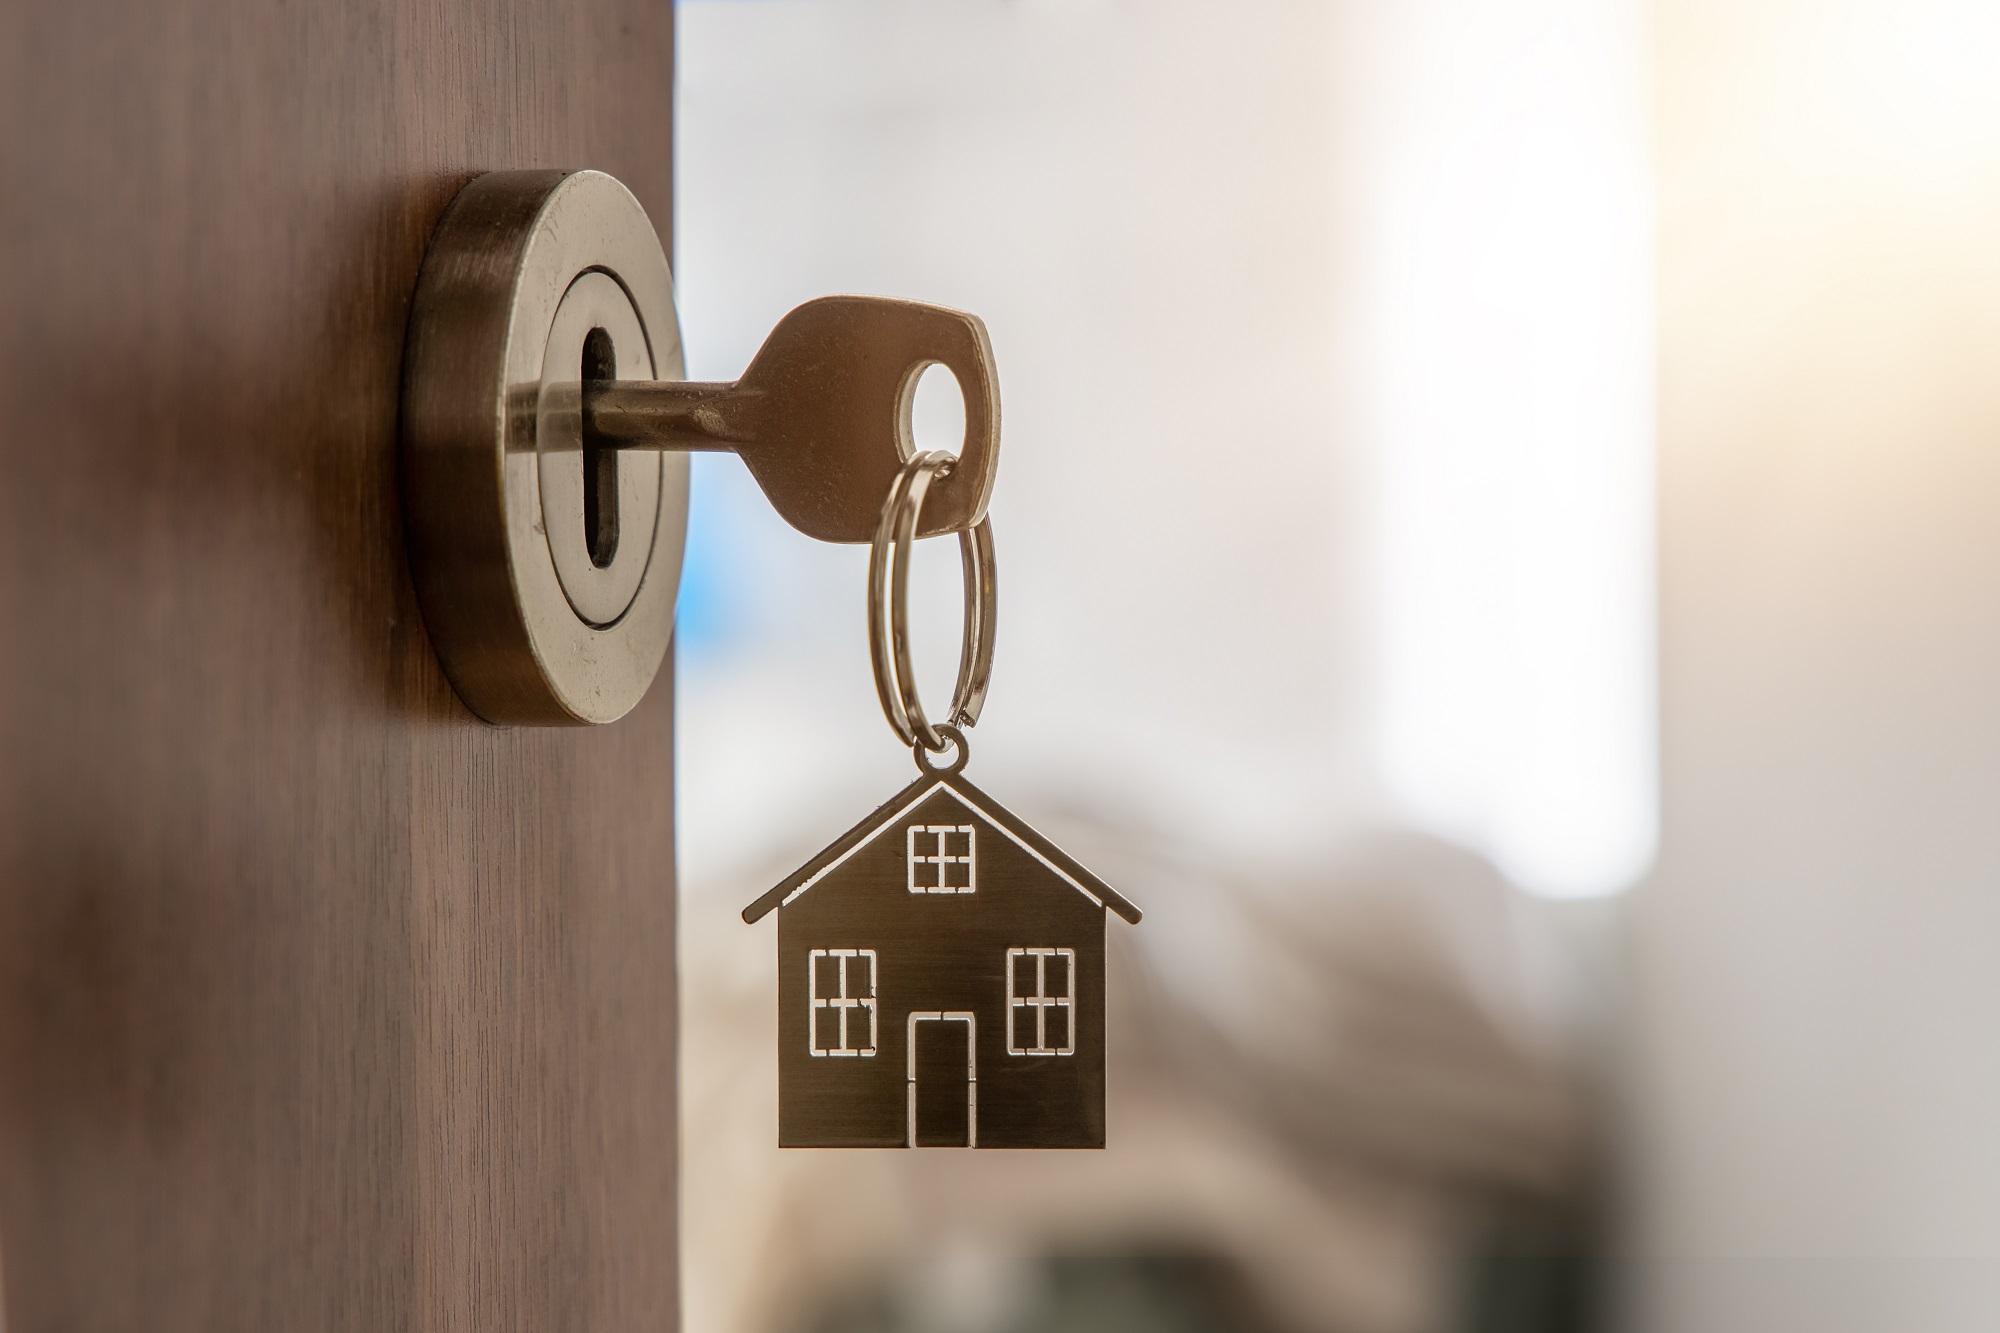 Novostavba, nebo starší byt? Dilema, které nemá snadné řešení